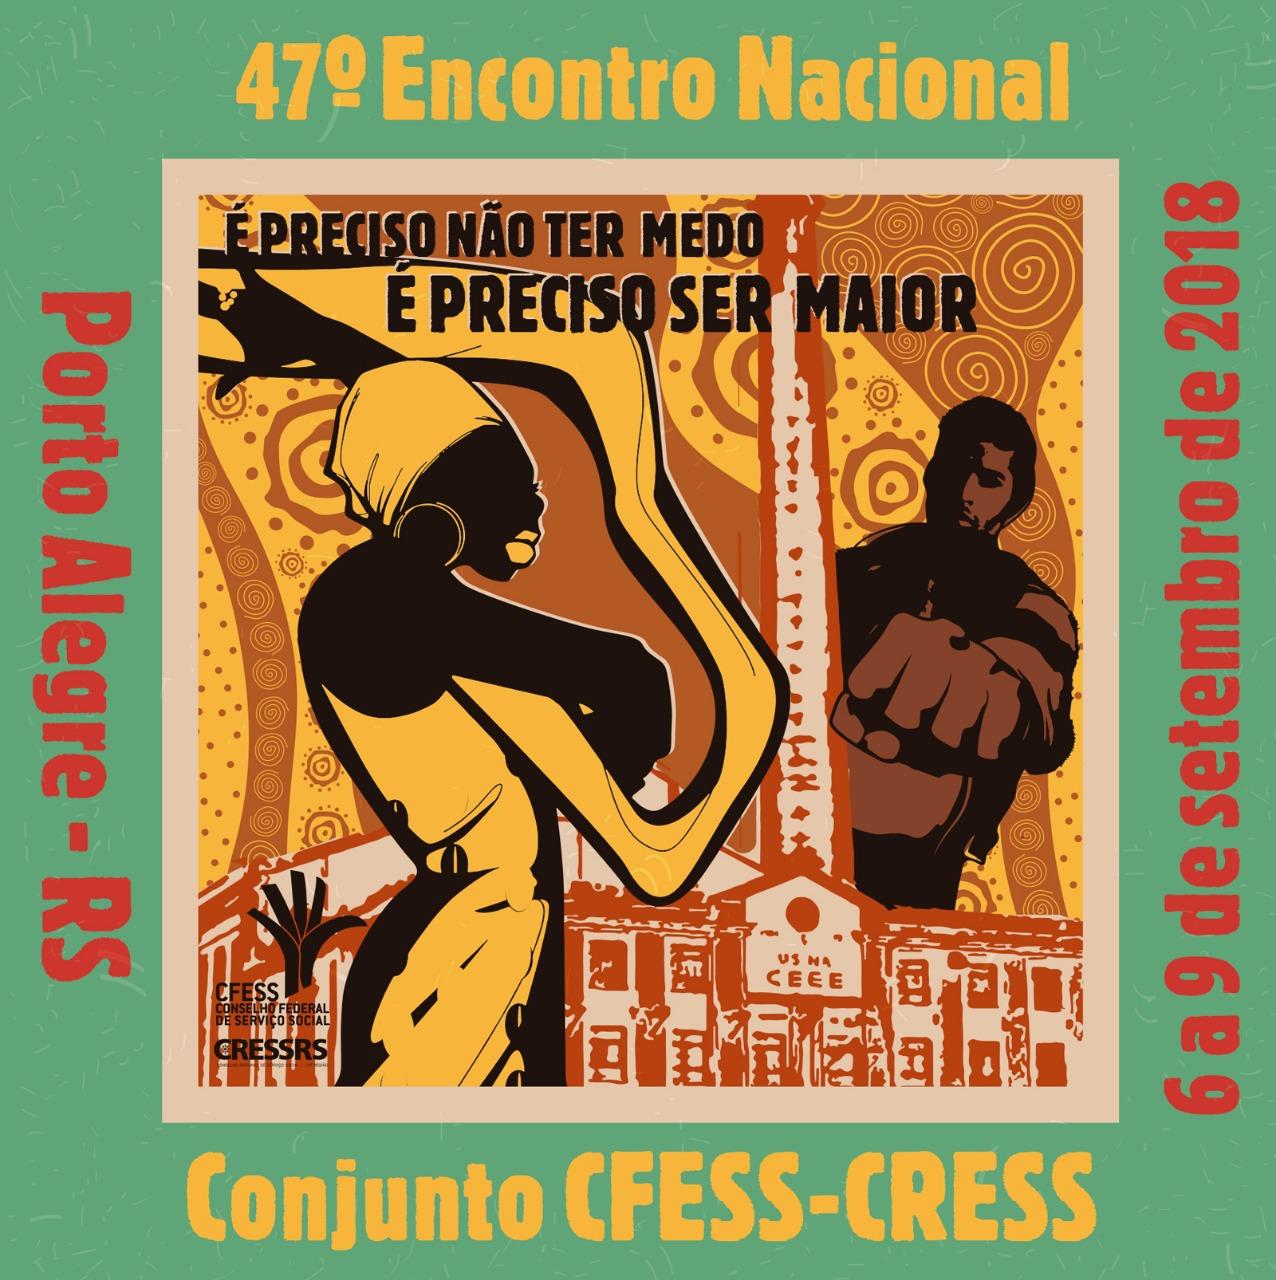 Resultado de imagem para 47 encontro nacional cfess-cress